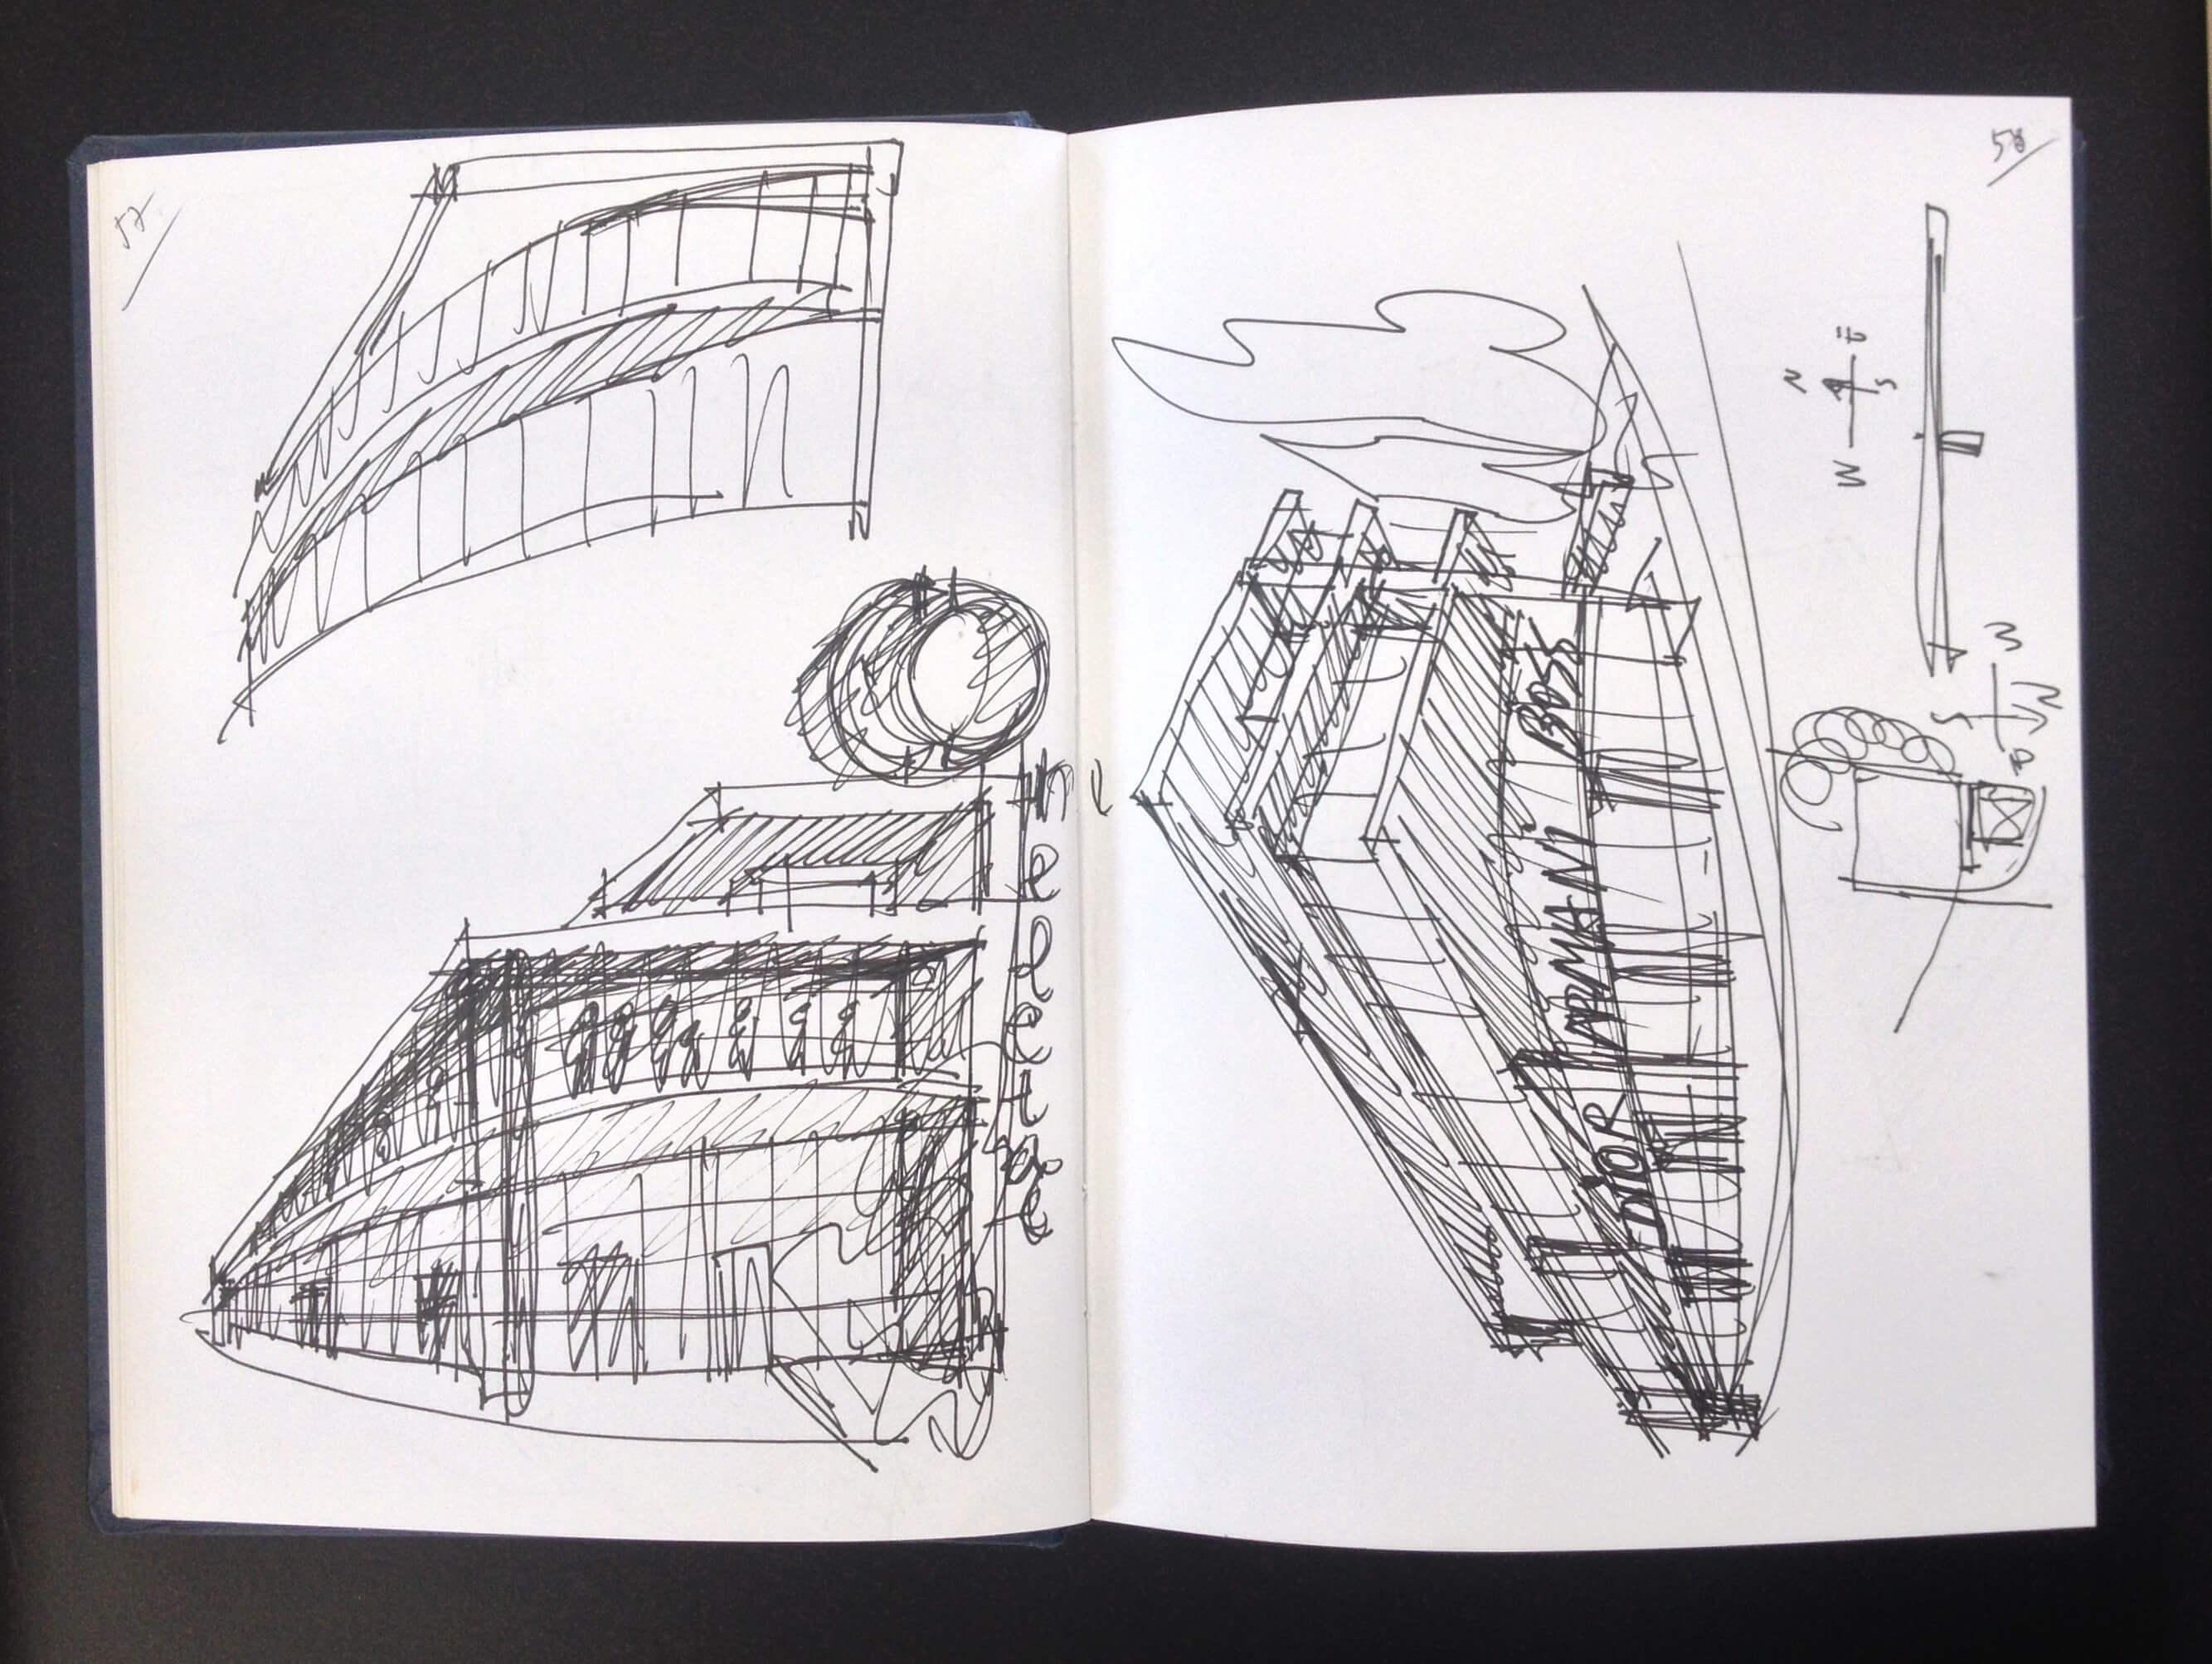 54 objetos artísticos em forma de livro para ver em Matosinhos